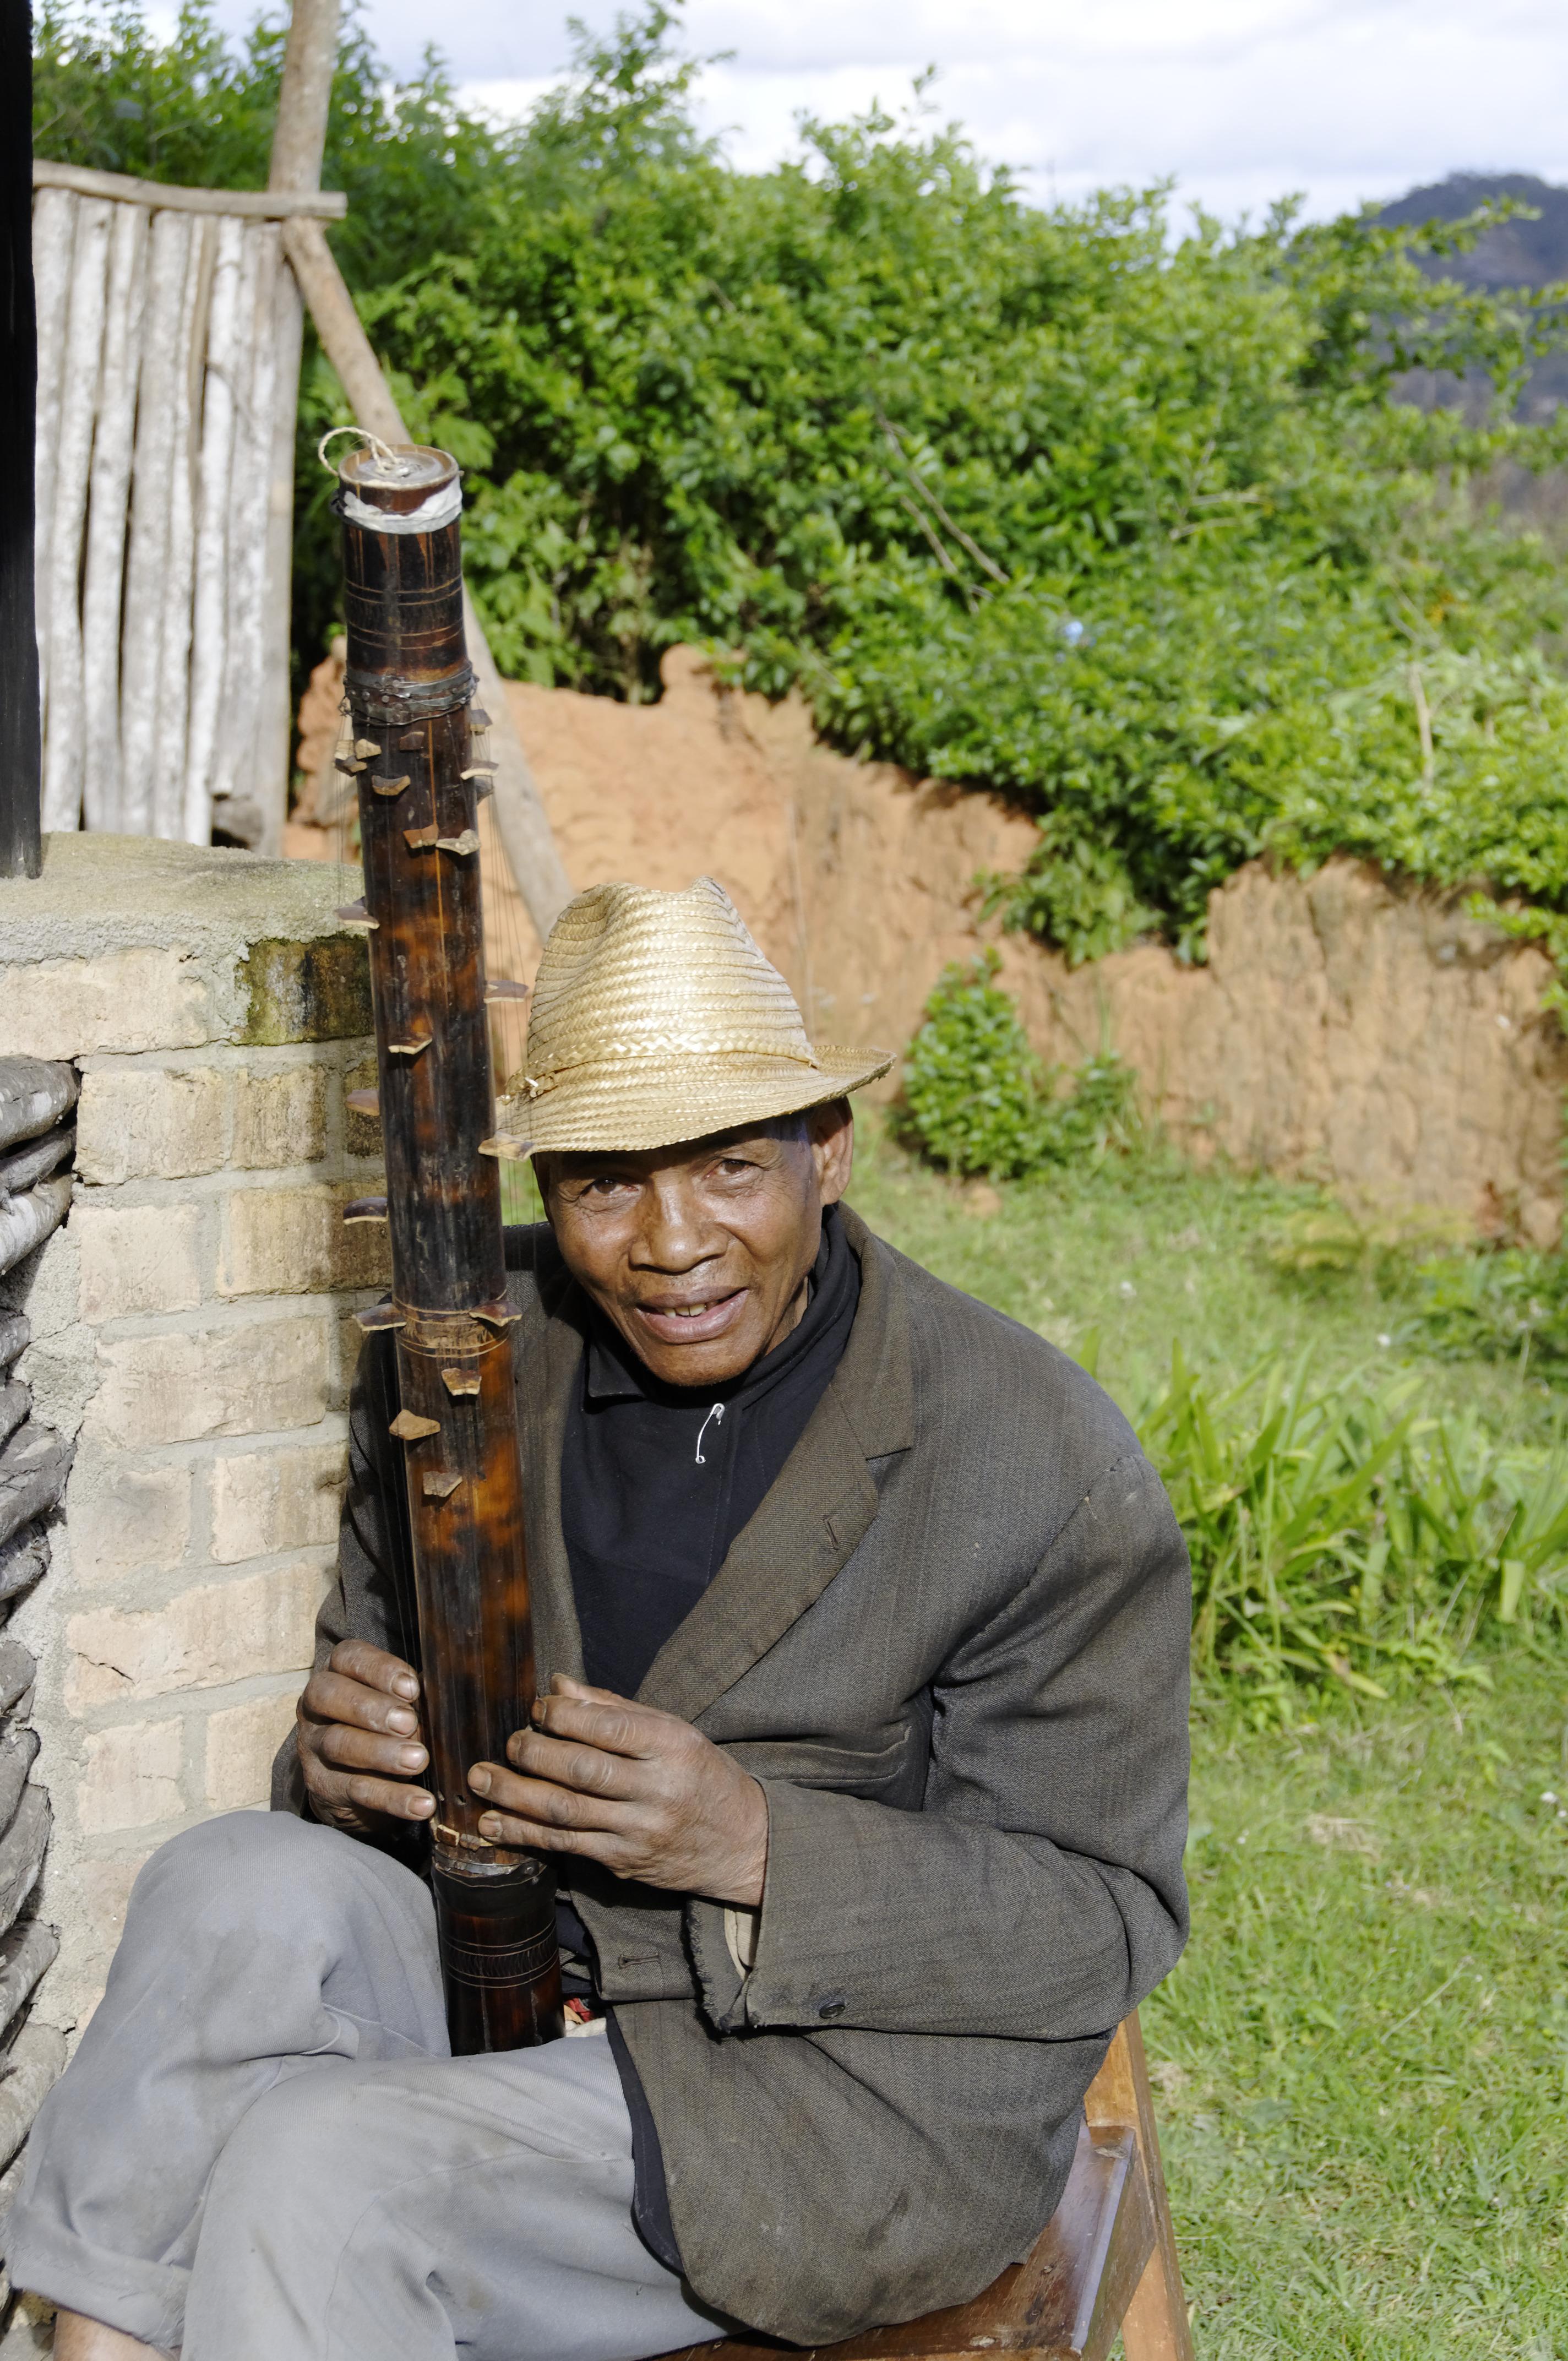 Valiha player in Ambohimahasoa